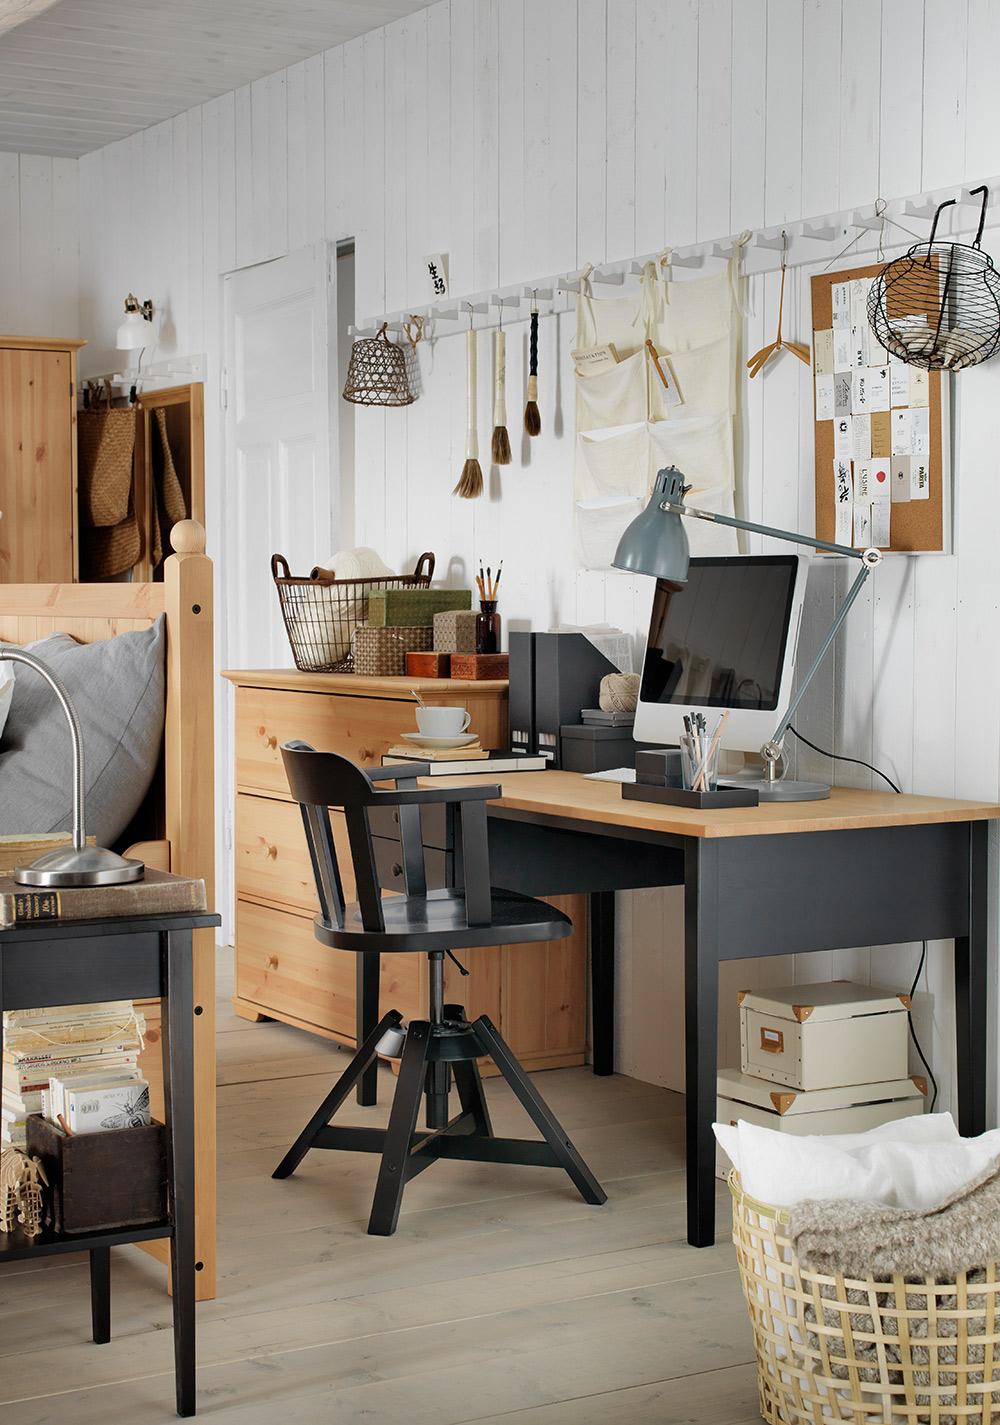 home office ideen deko funktional kreativ intelligent stauraum arbeitsbereich arbeitszimmer. Black Bedroom Furniture Sets. Home Design Ideas